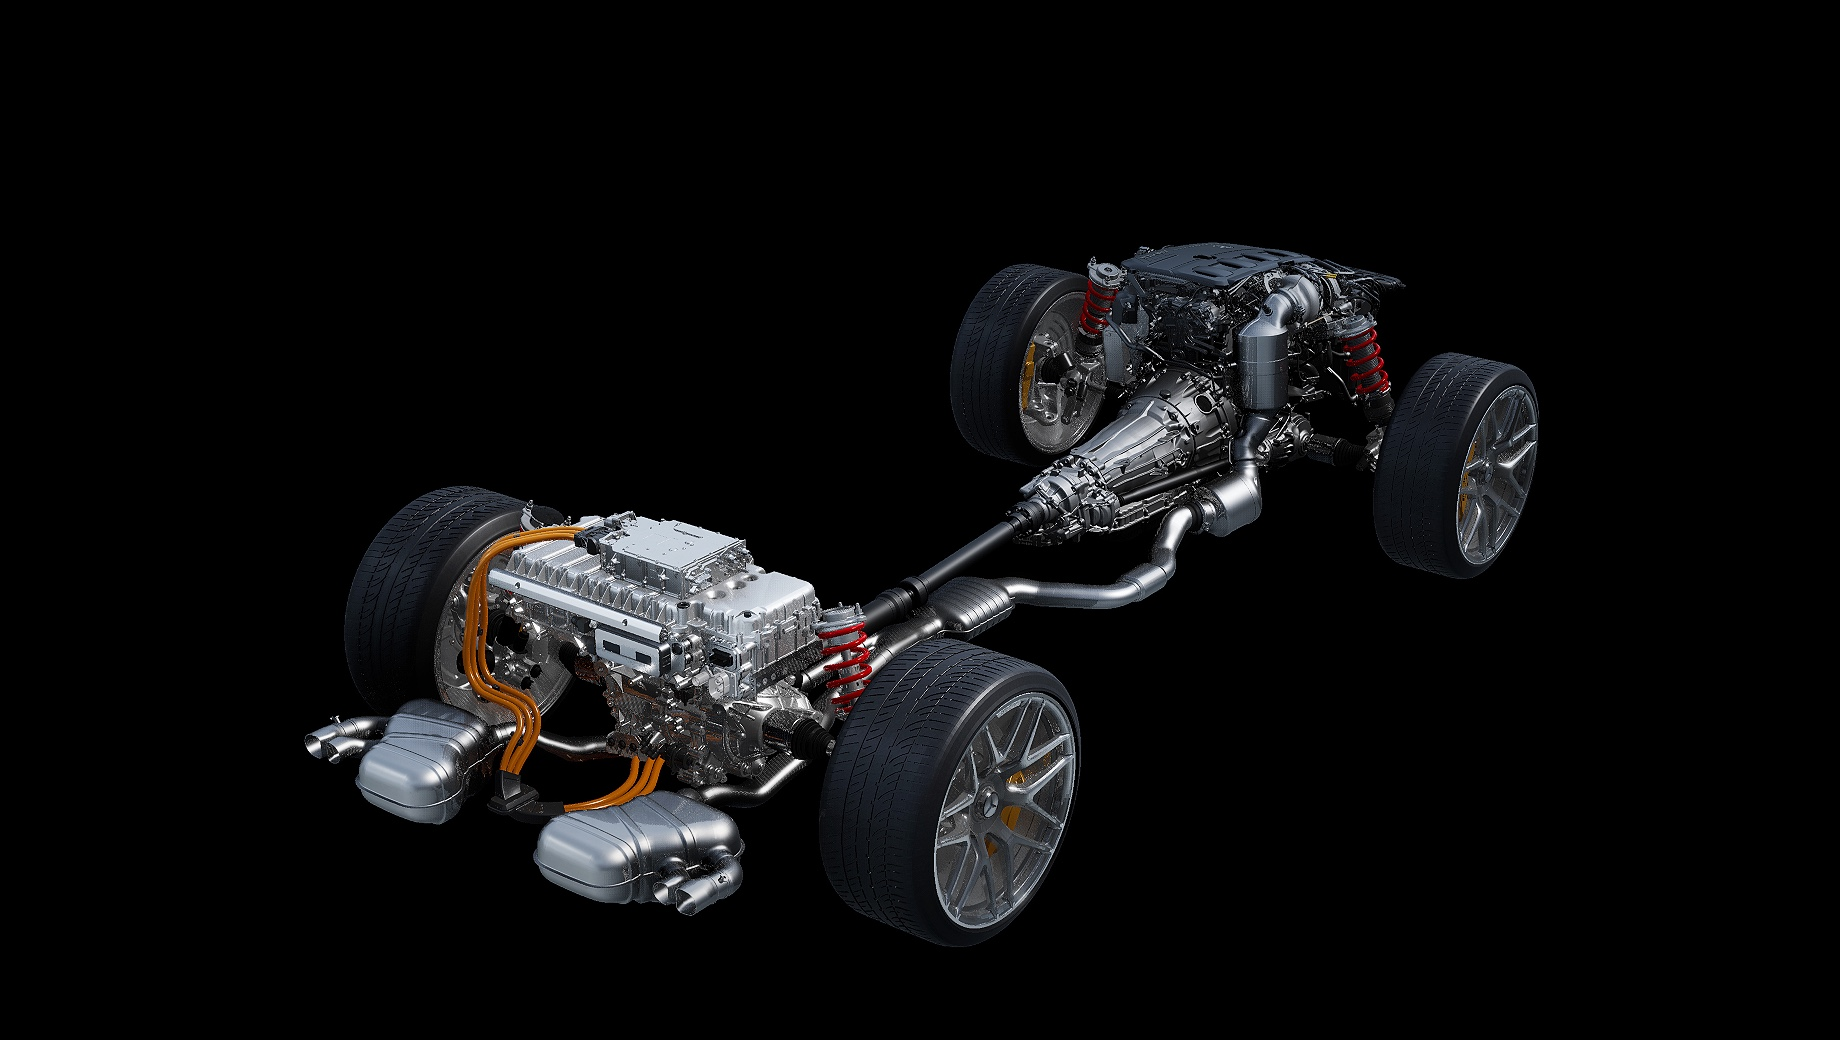 Mercedes c63 amg,Mercedes -amg c43. На быстрых «цешках» двухлитровый двигатель M139 от хот-хэтча Mercedes-AMG A 45 S адаптирован под продольную установку, но на версии C 63 агрегат дополнен электрическим наддувом. А ещё сильно отличаются литий-ионные тяговые батареи. У топ-версии она более ёмкая и весит 89 кг.